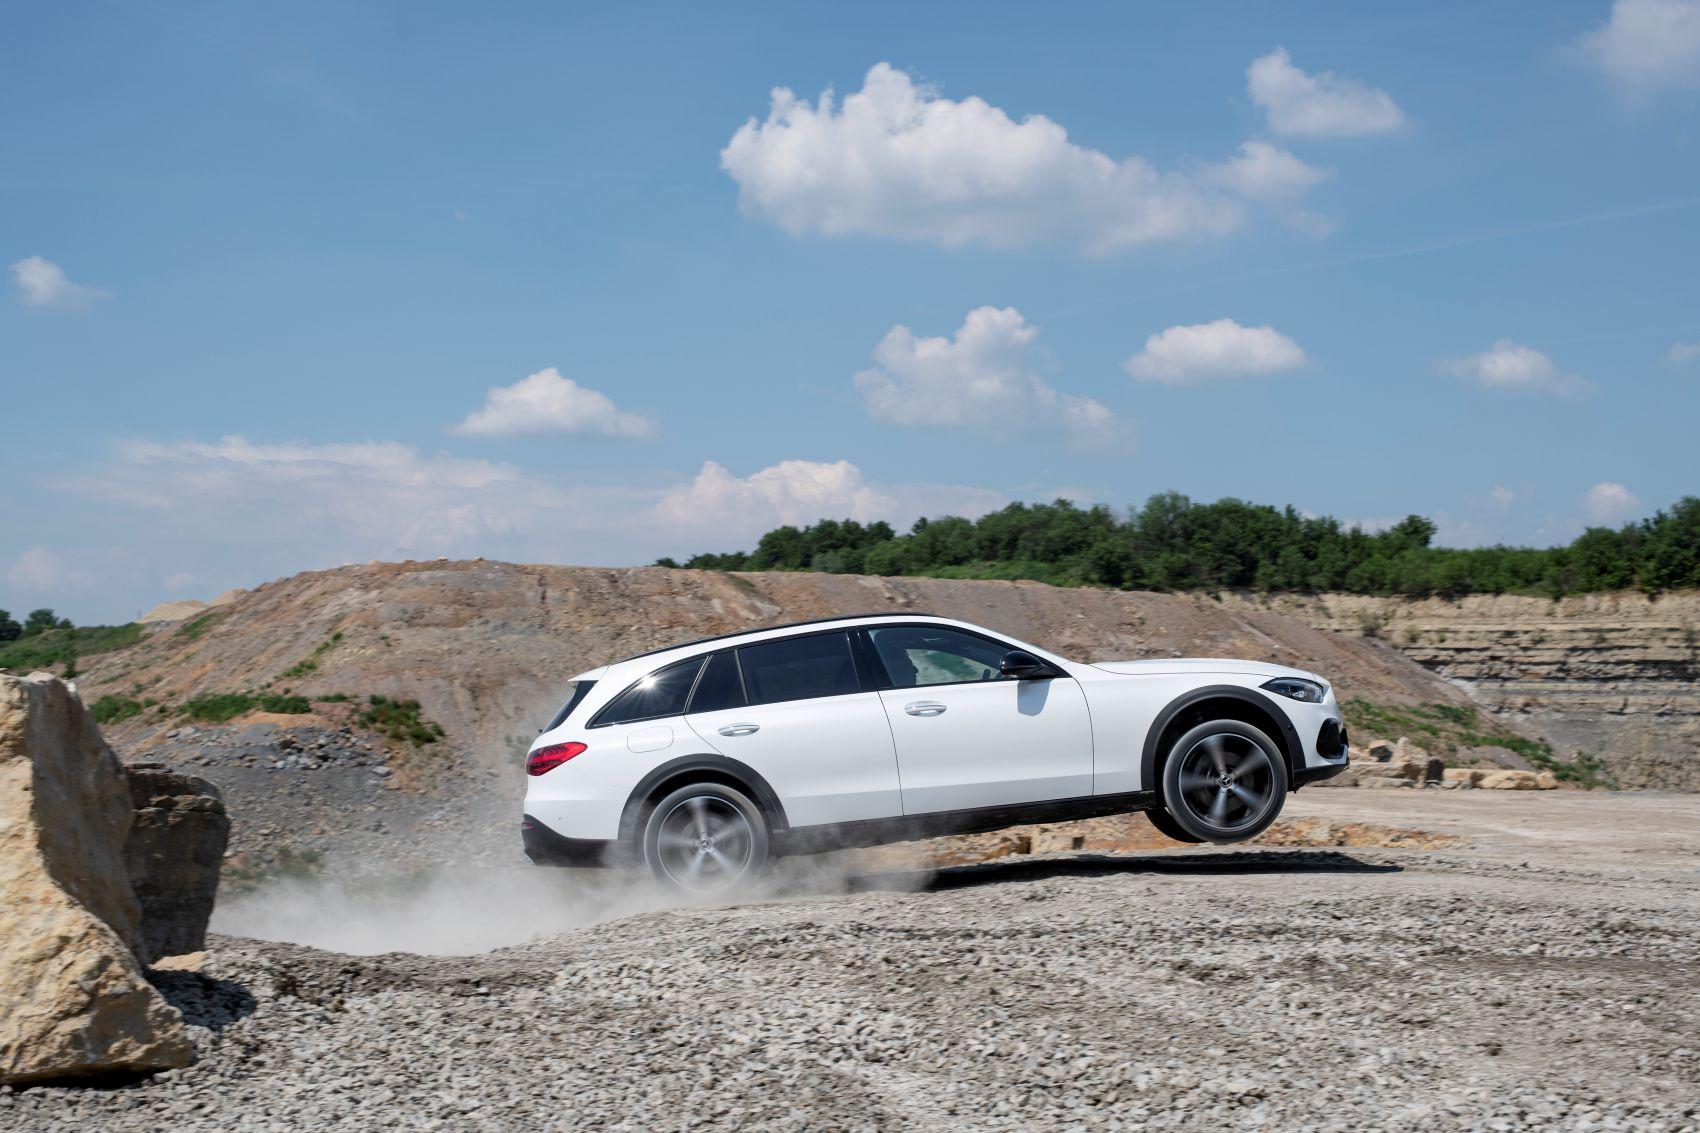 Mercedes C-Klasse T-Modell All-Terrain